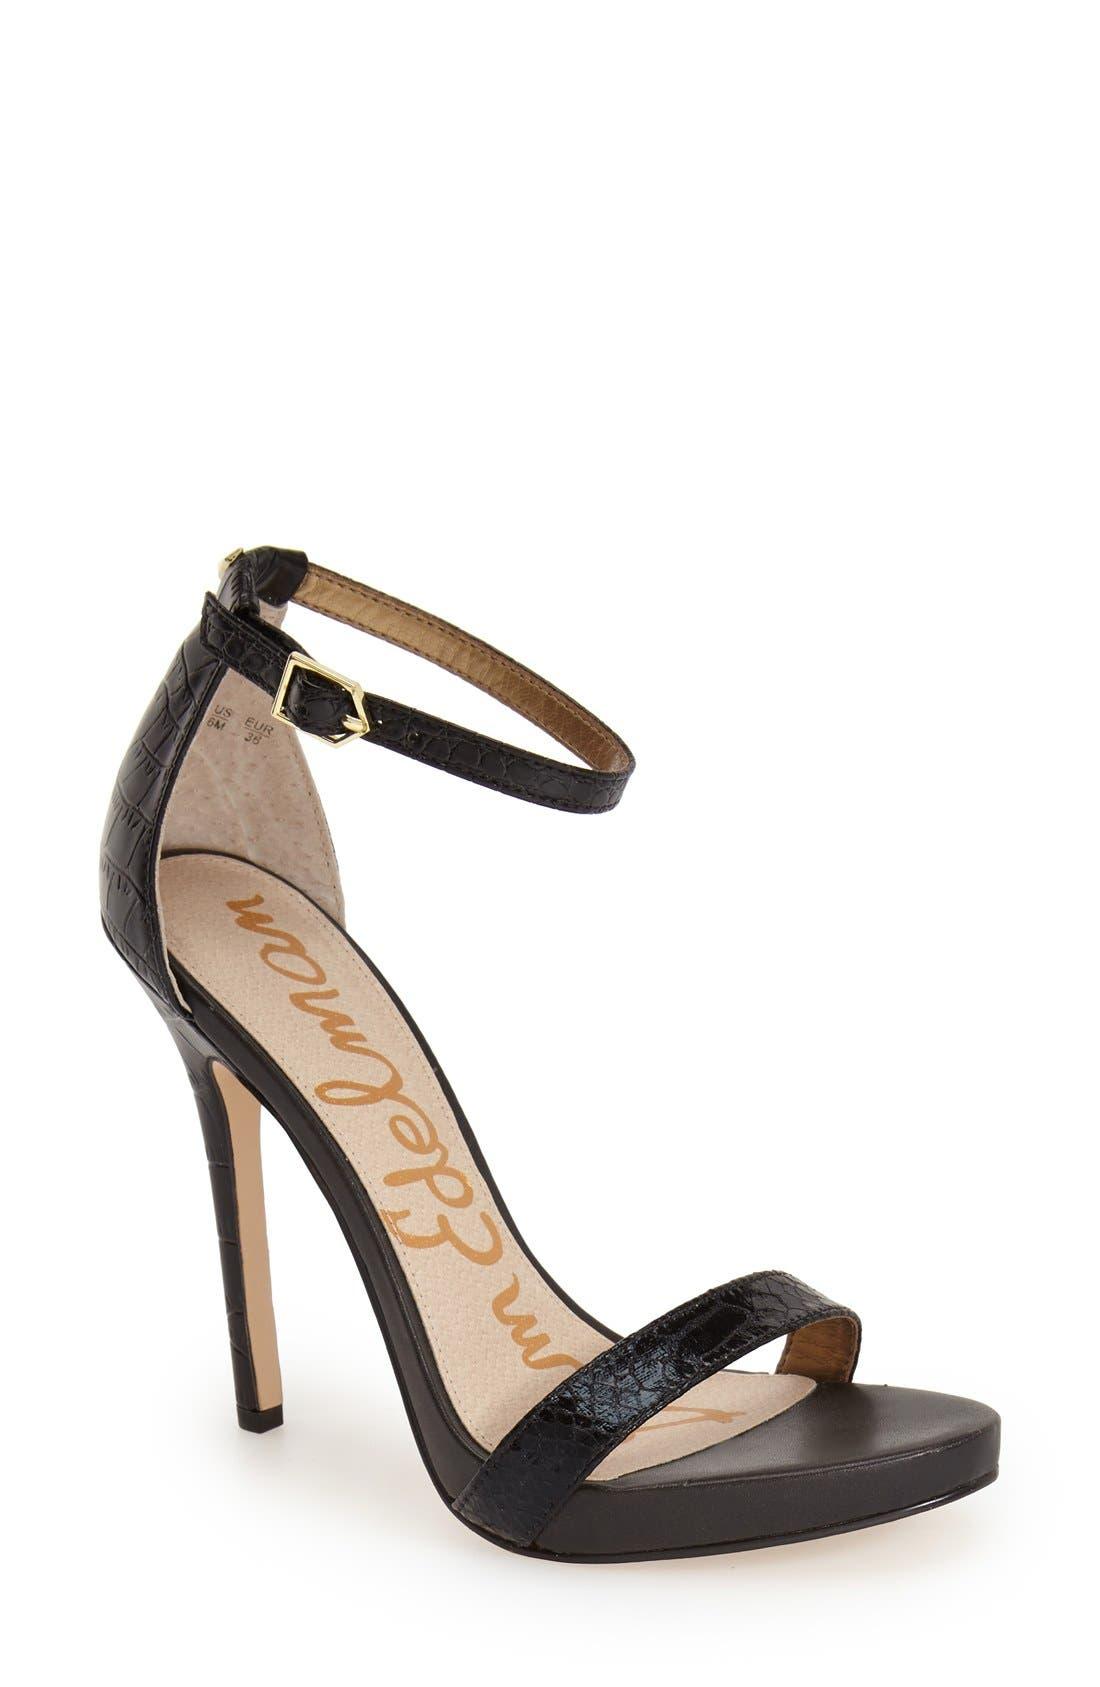 Alternate Image 1 Selected - Sam Edelman 'Eleanor' Ankle Strap Sandal (Women)